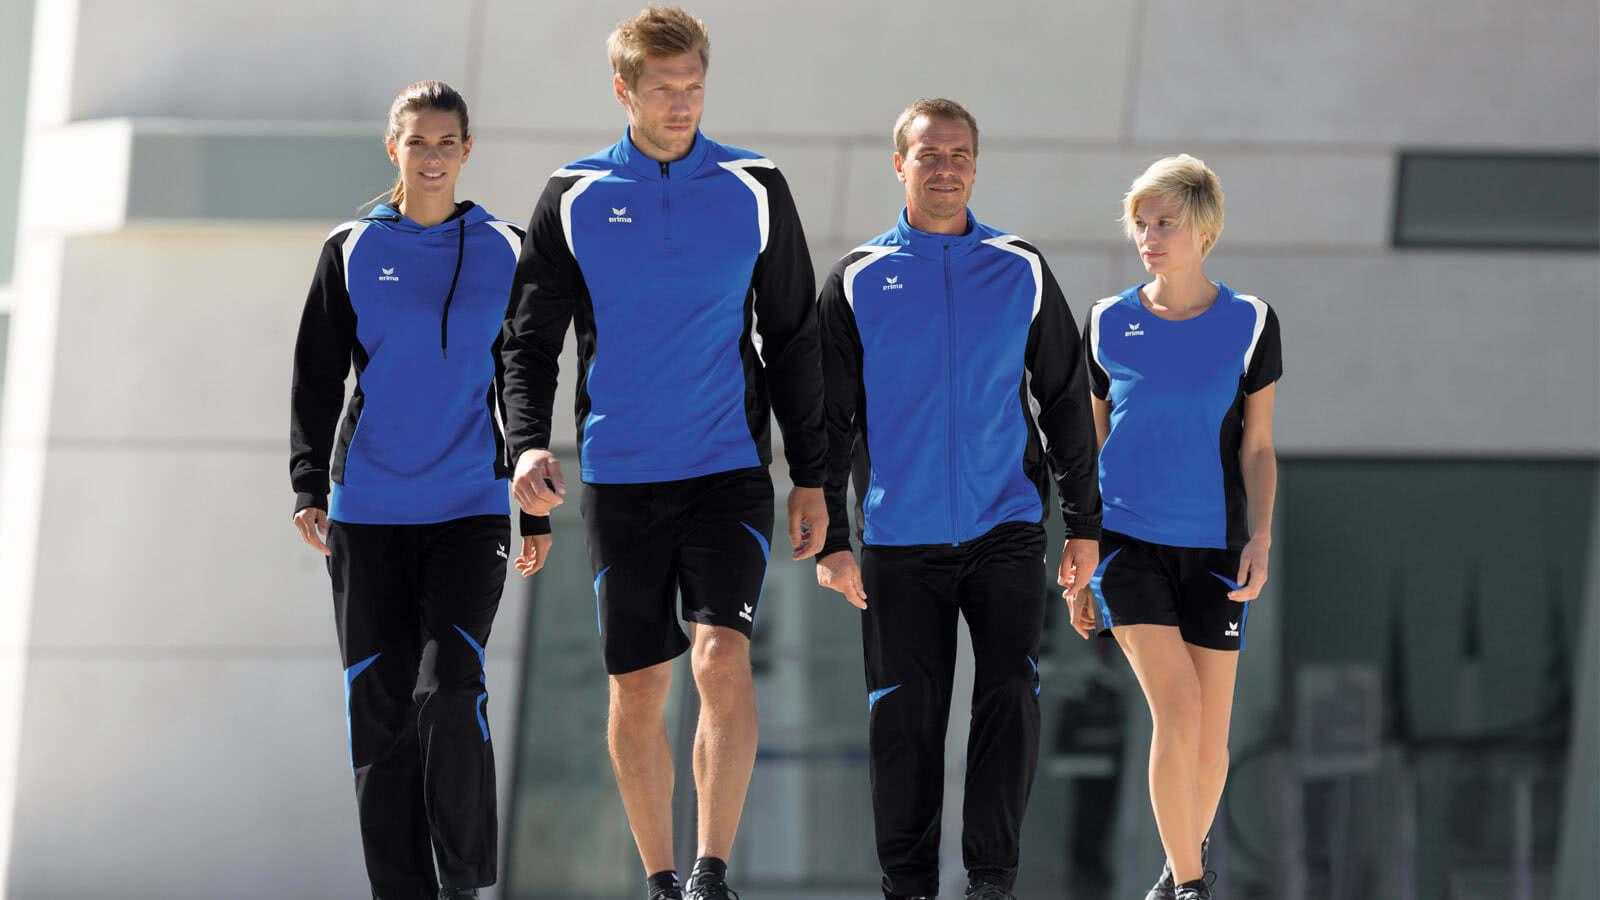 Mit der Erima Razor 2.0 Sportbekleidung die Teamline für alle Sportarten im Sport Shop bestellen.